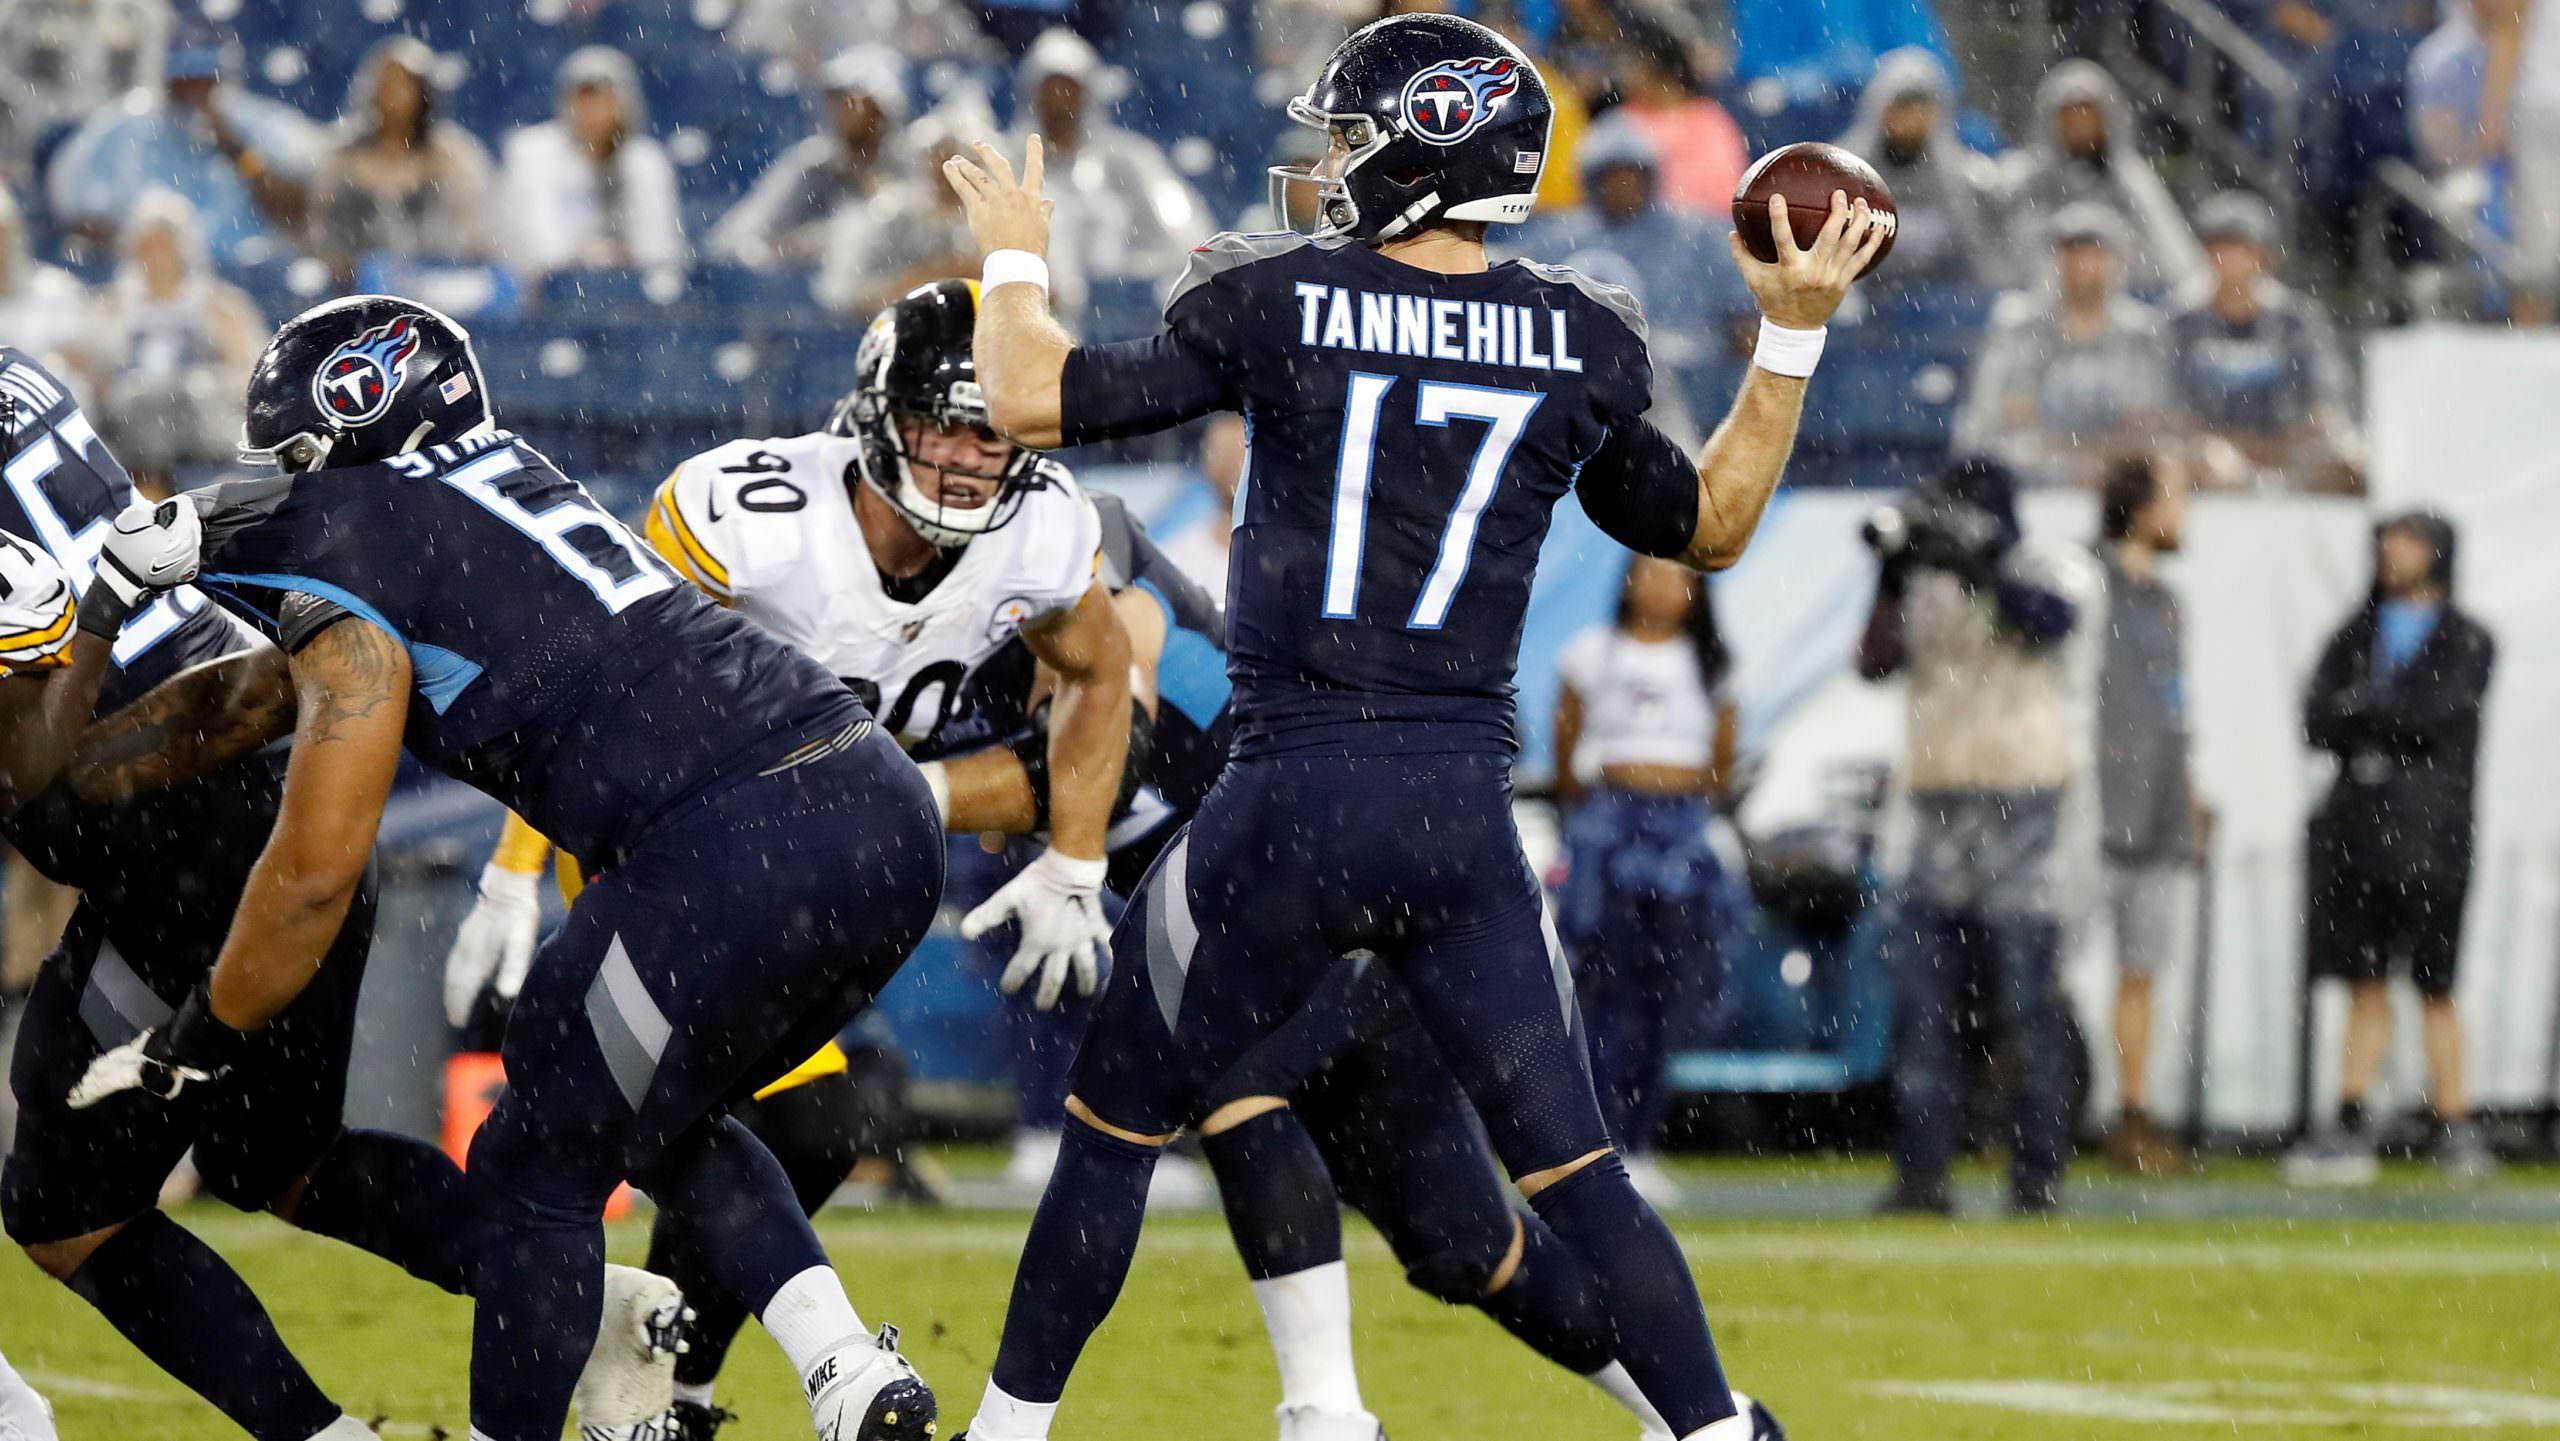 Transmissão ao vivo do Steelers vs Titans: como assistir a 7ª semana da NFL online de qualquer lugar